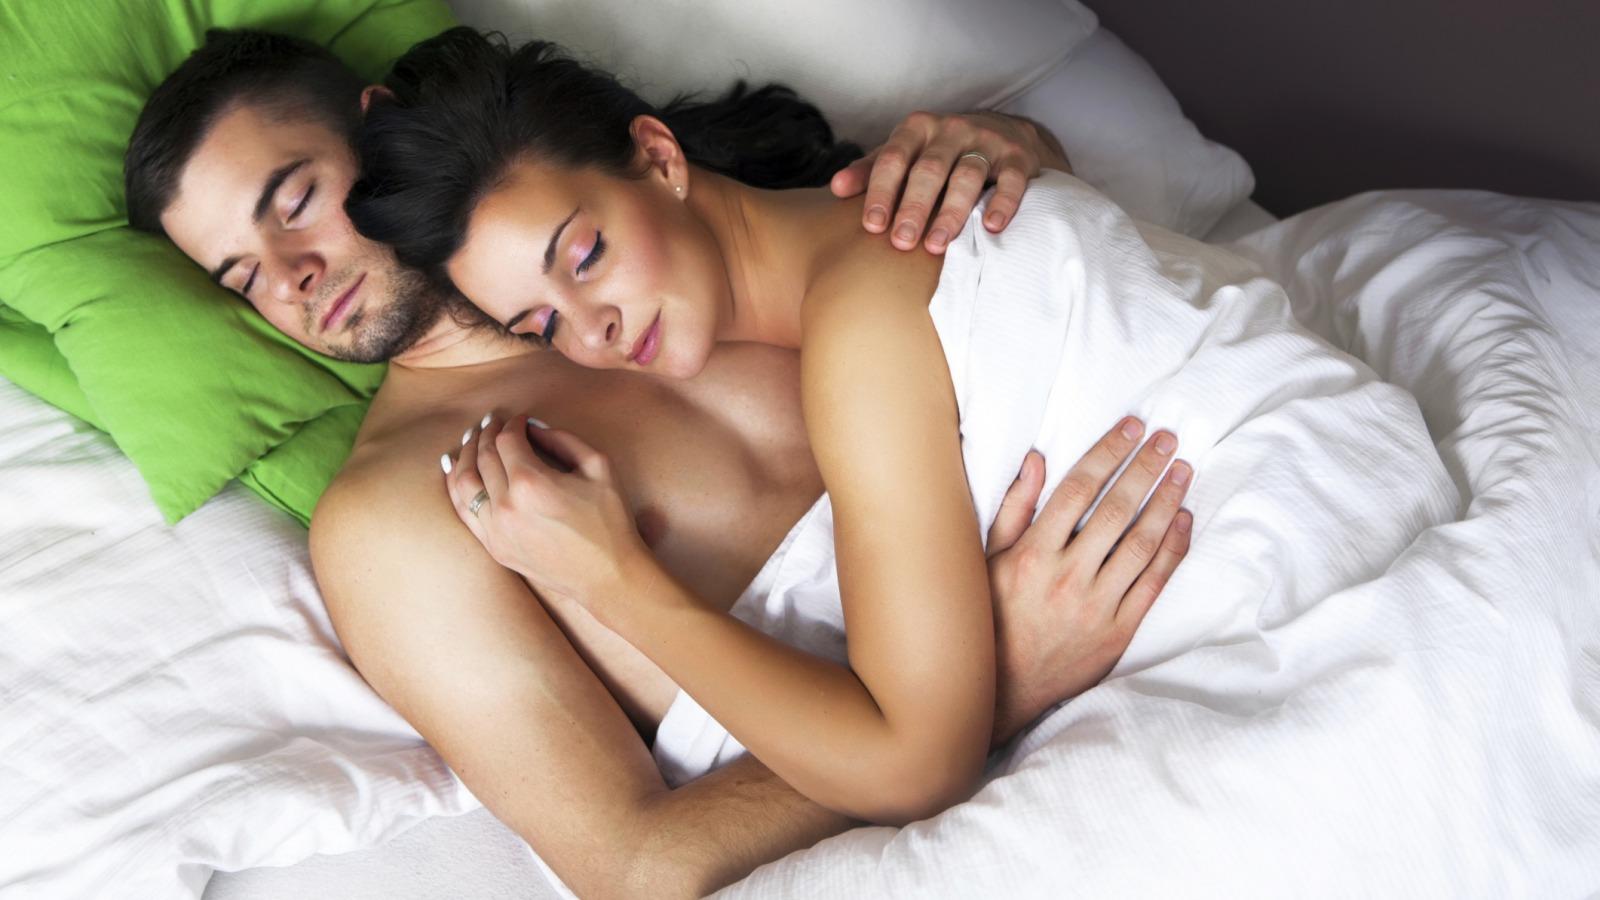 снится секс с бывшим